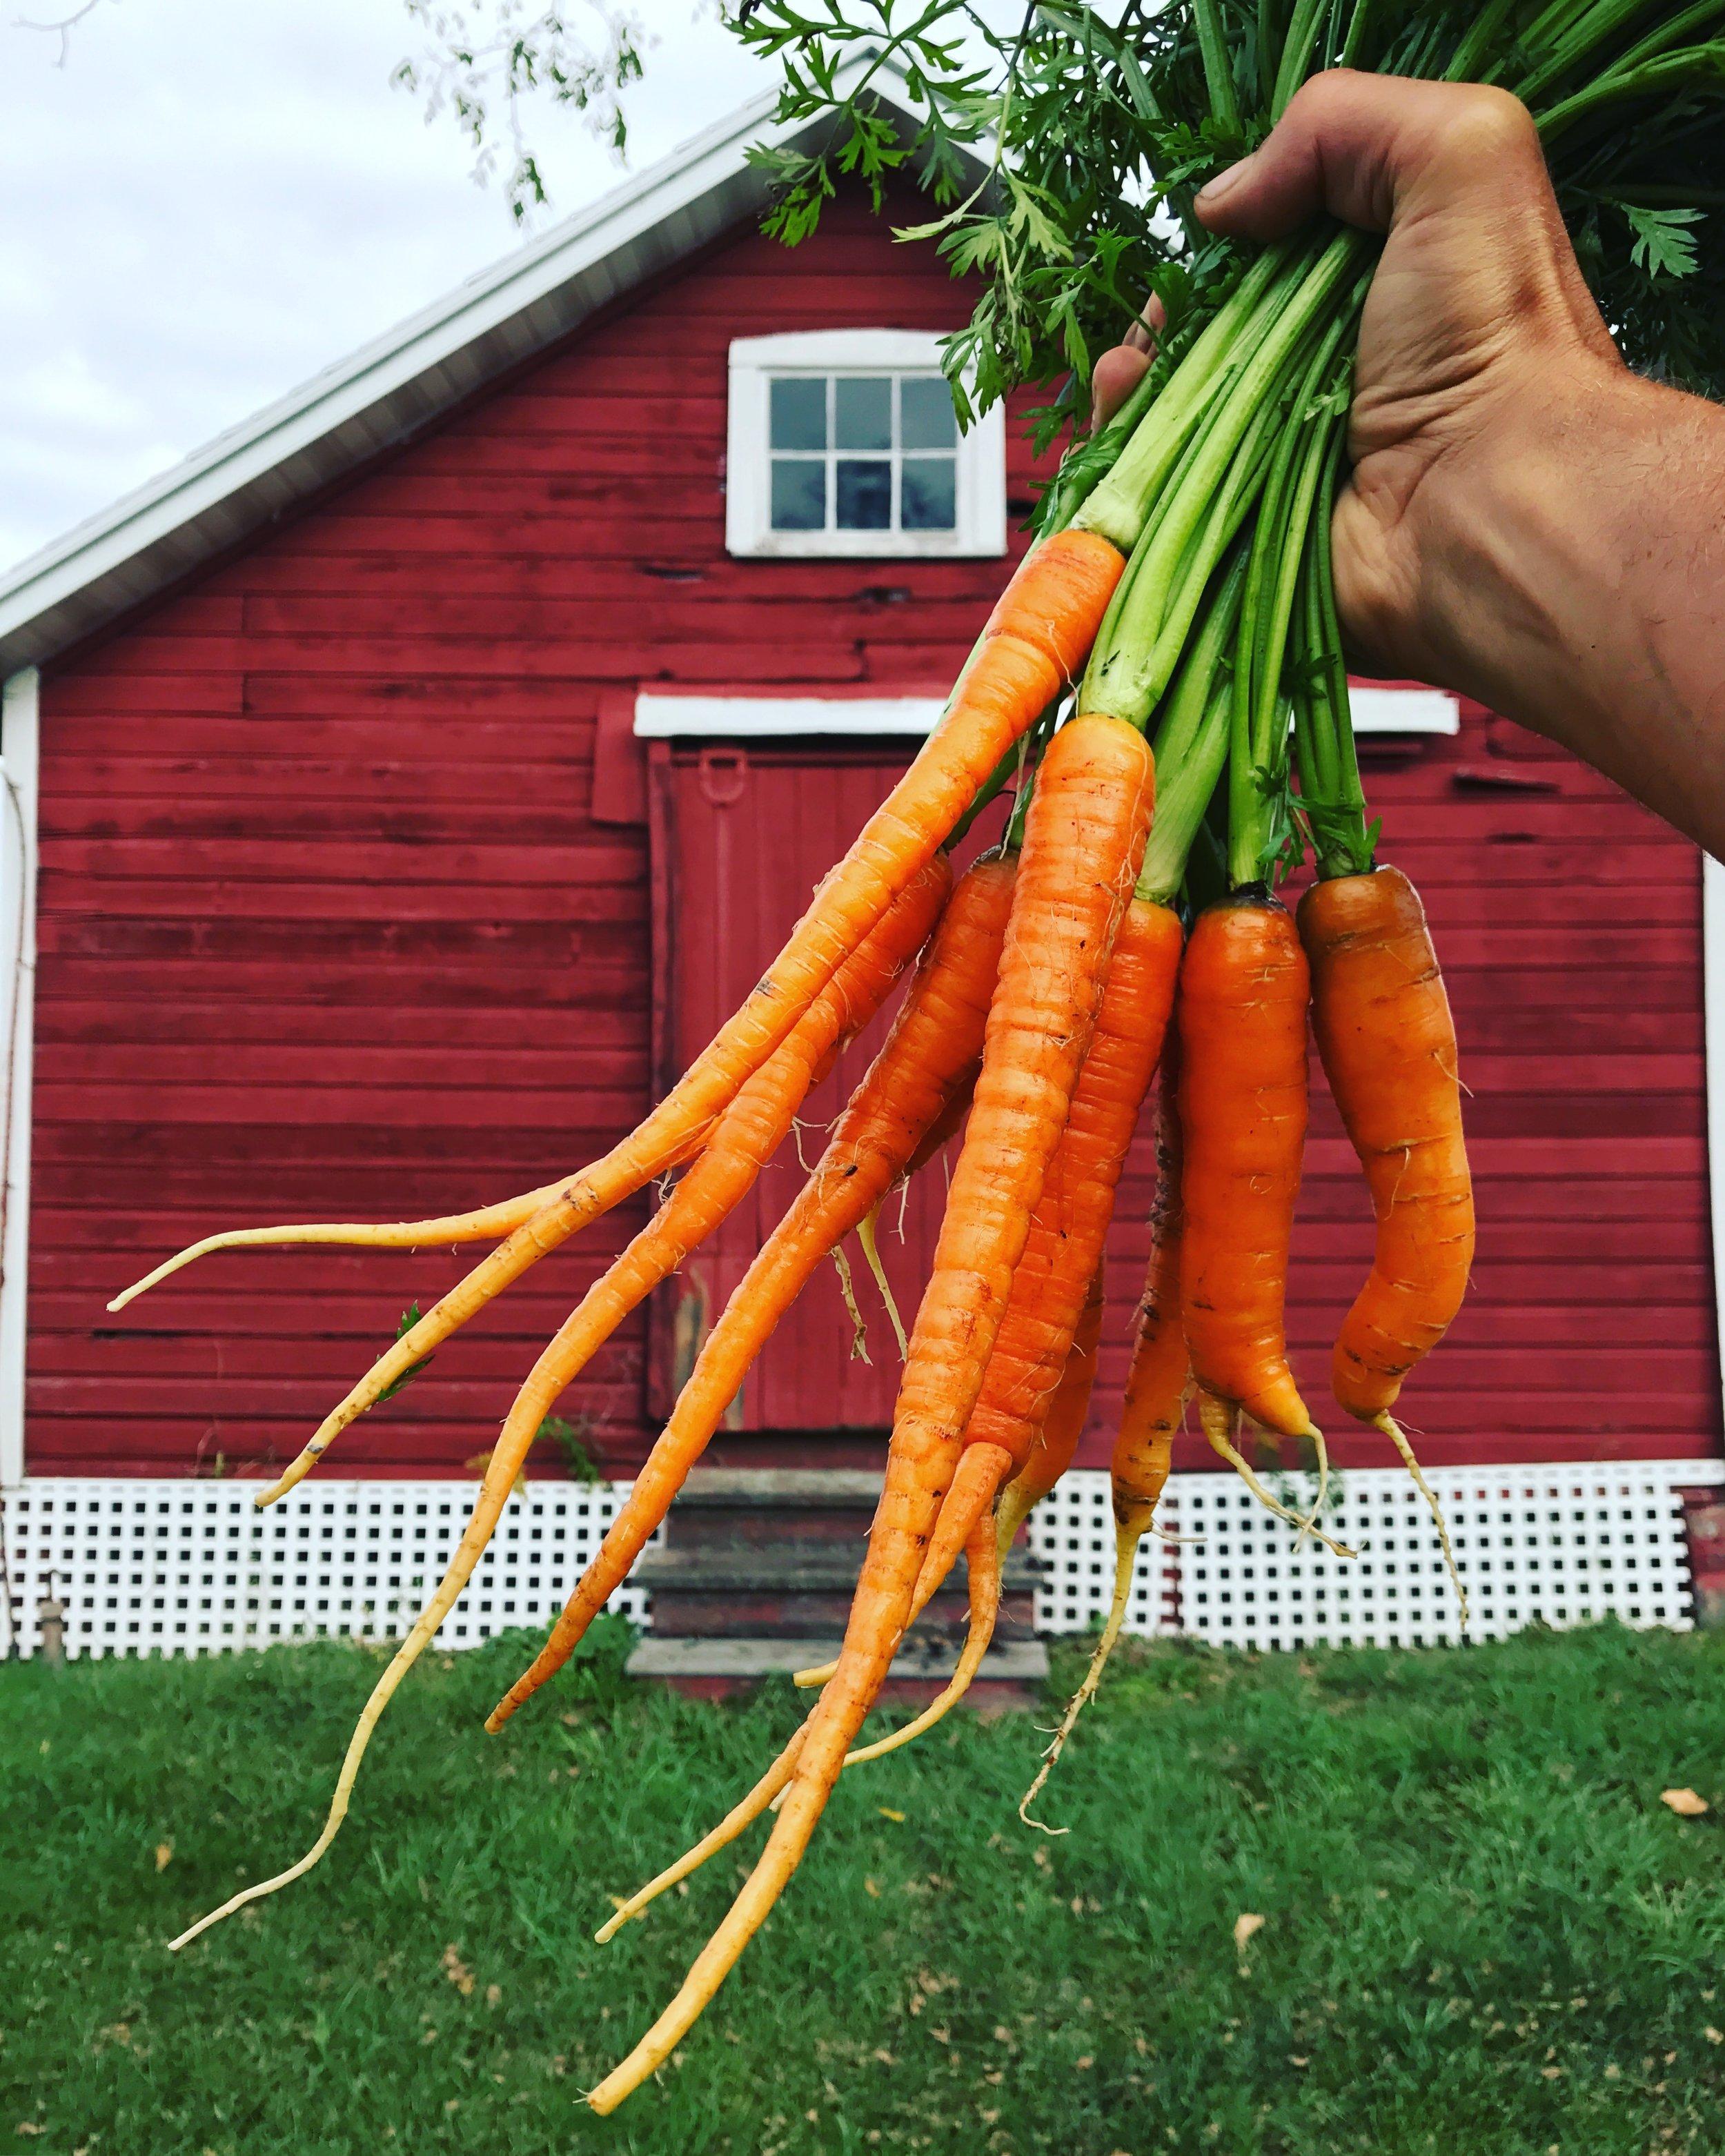 Carrots barn 17.jpg